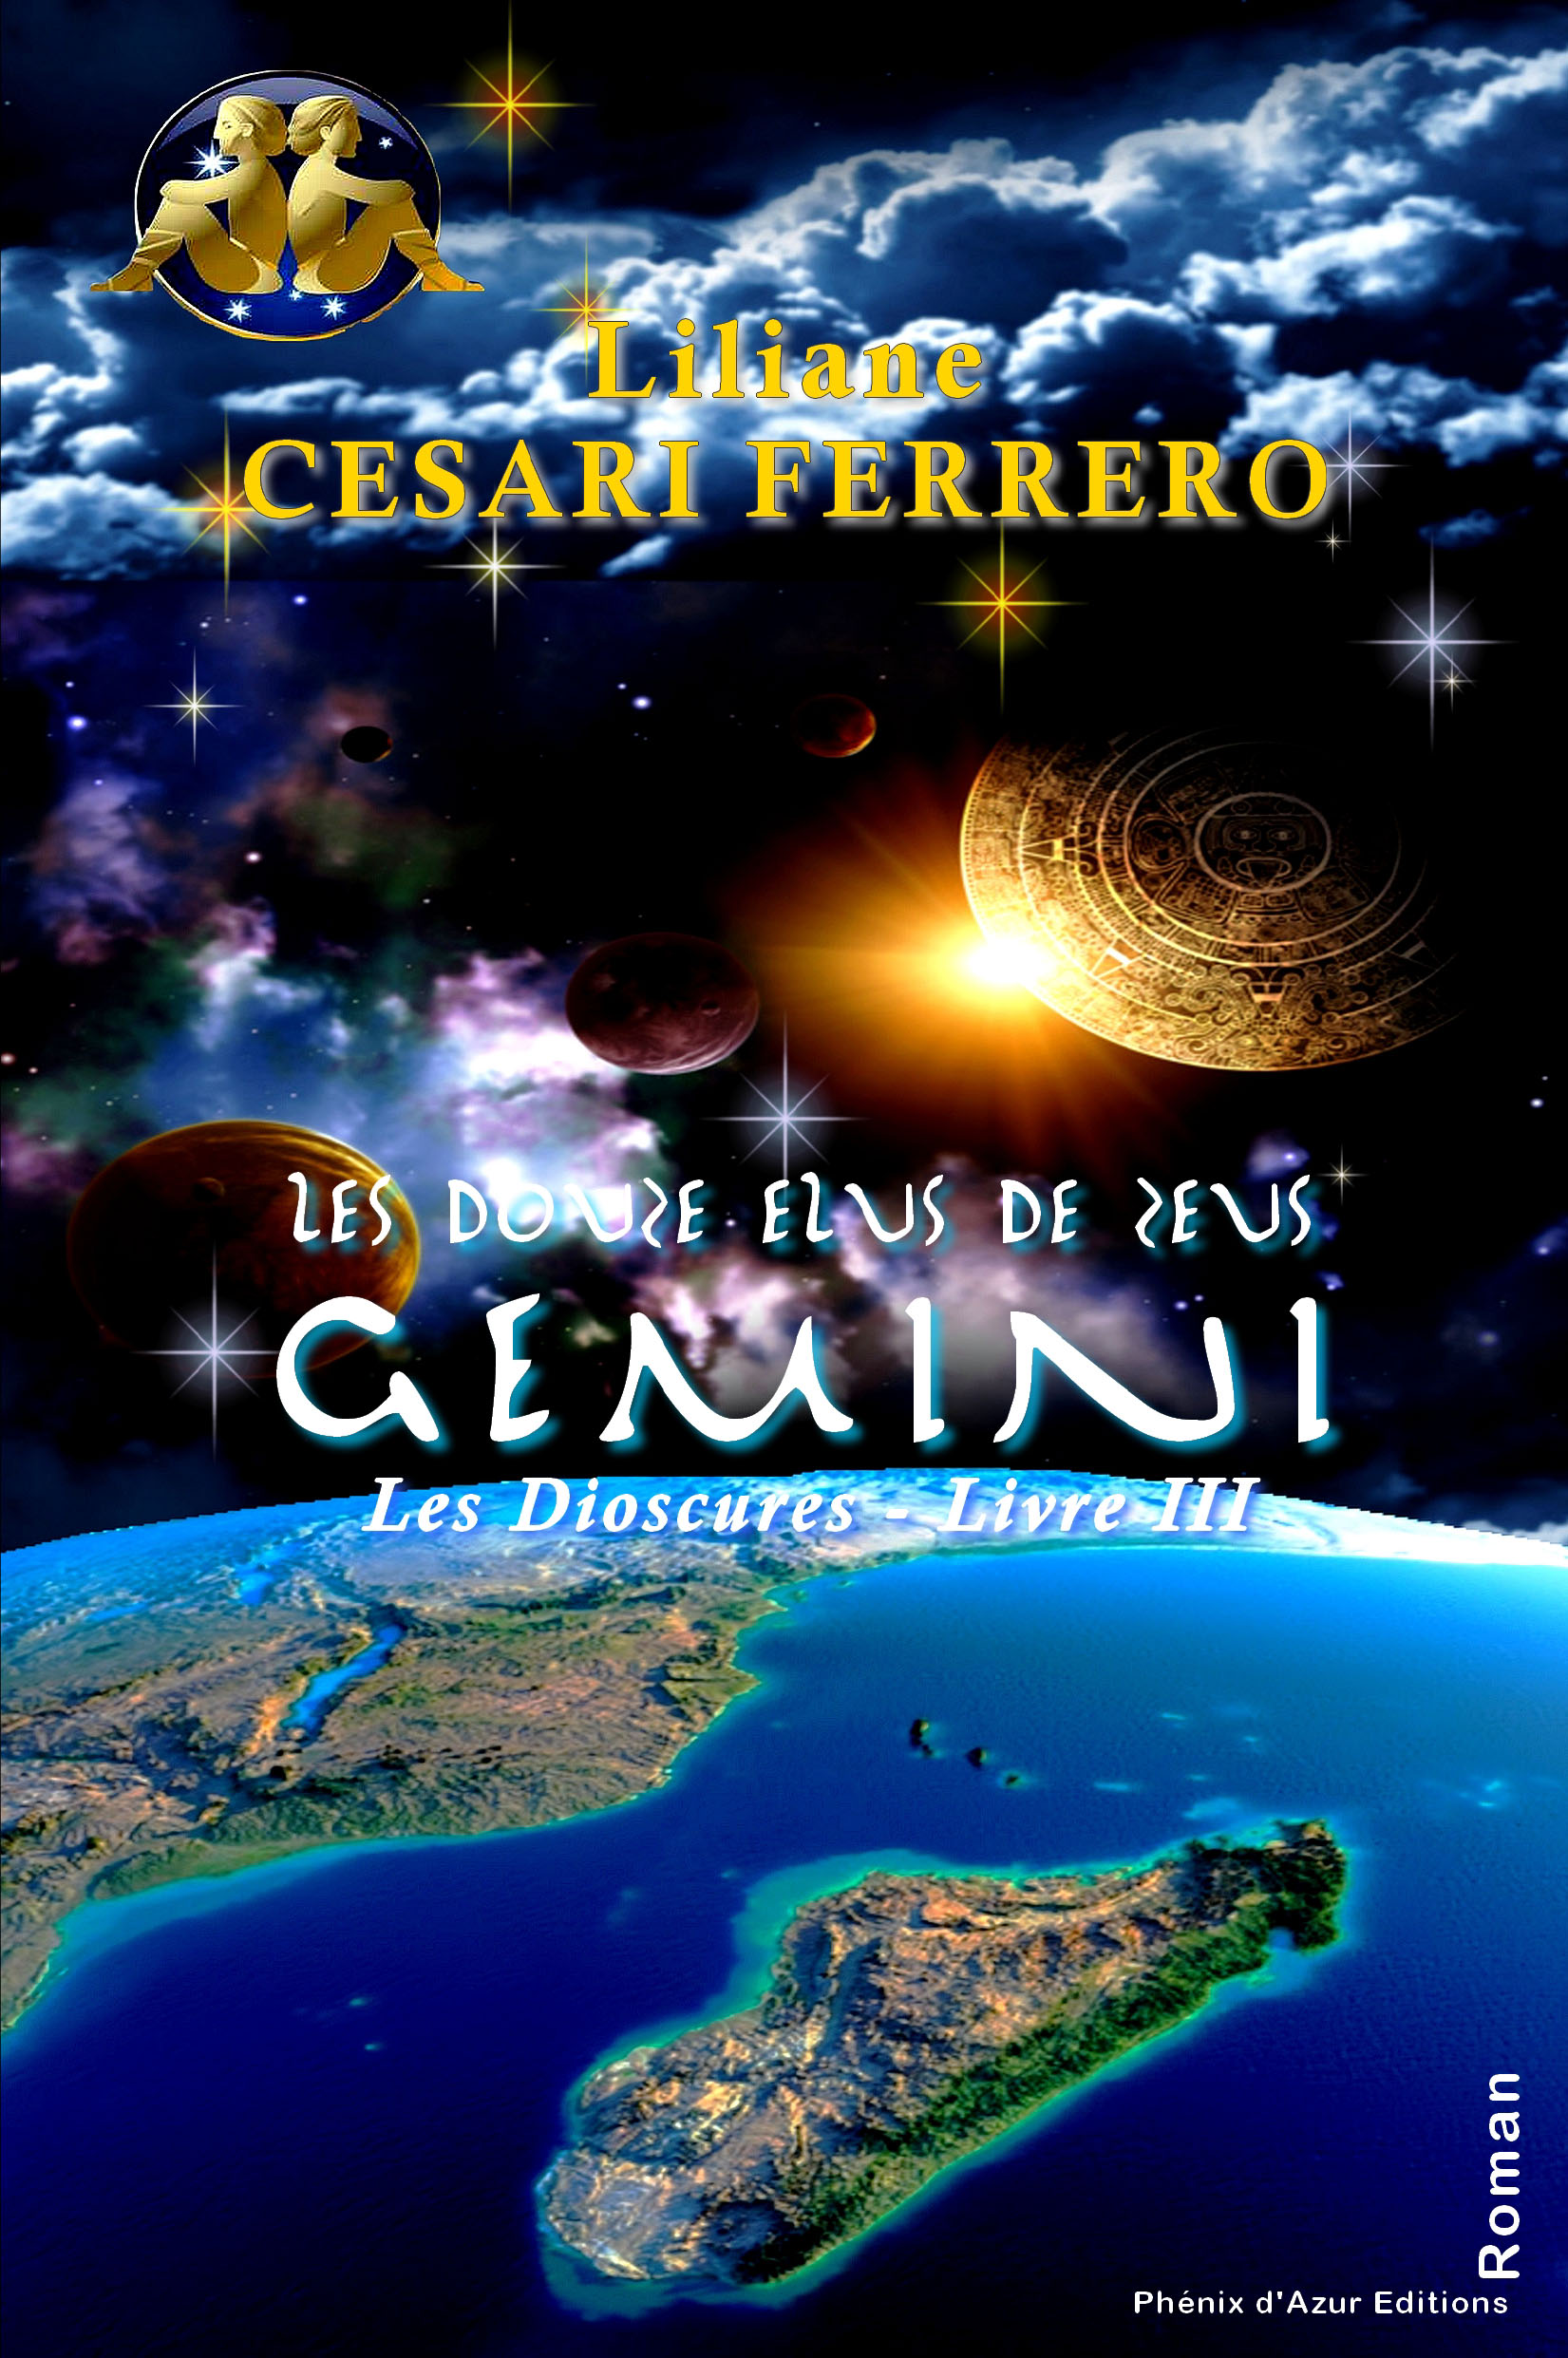 Gemini, Les douze élus de Zeus